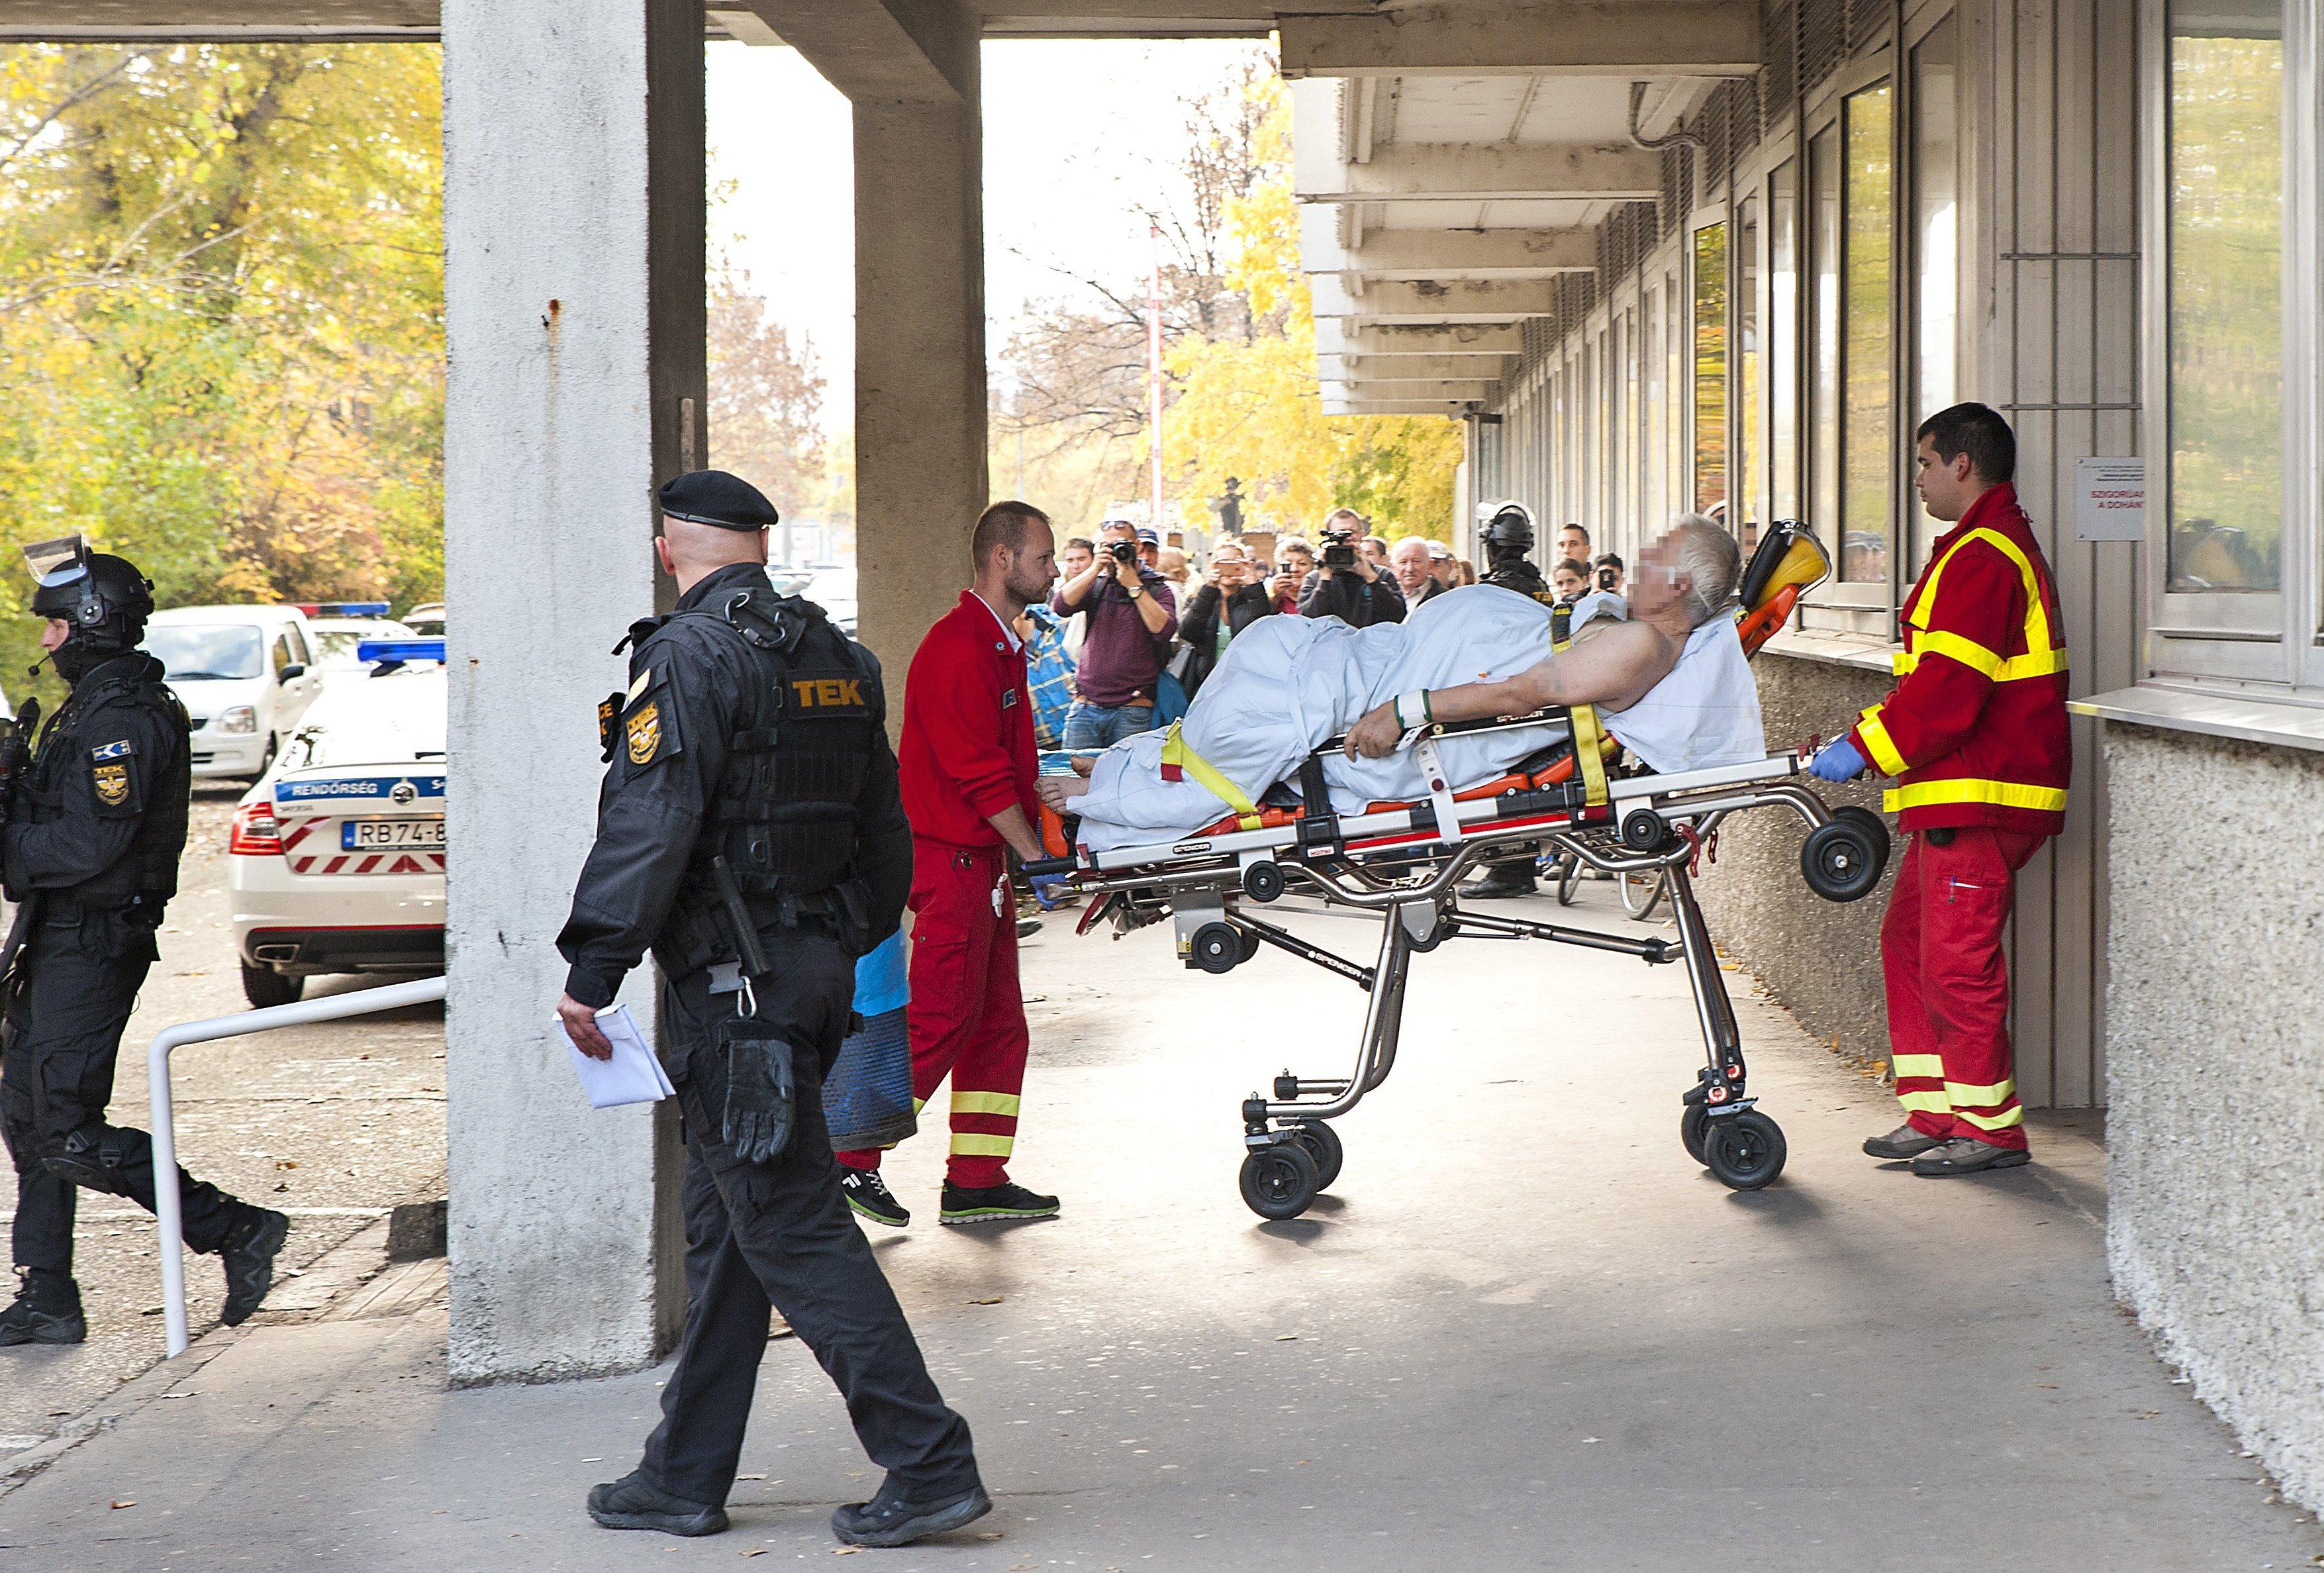 Kiengedték a tököli rabkórházból a bőnyi rendőrgyilkost